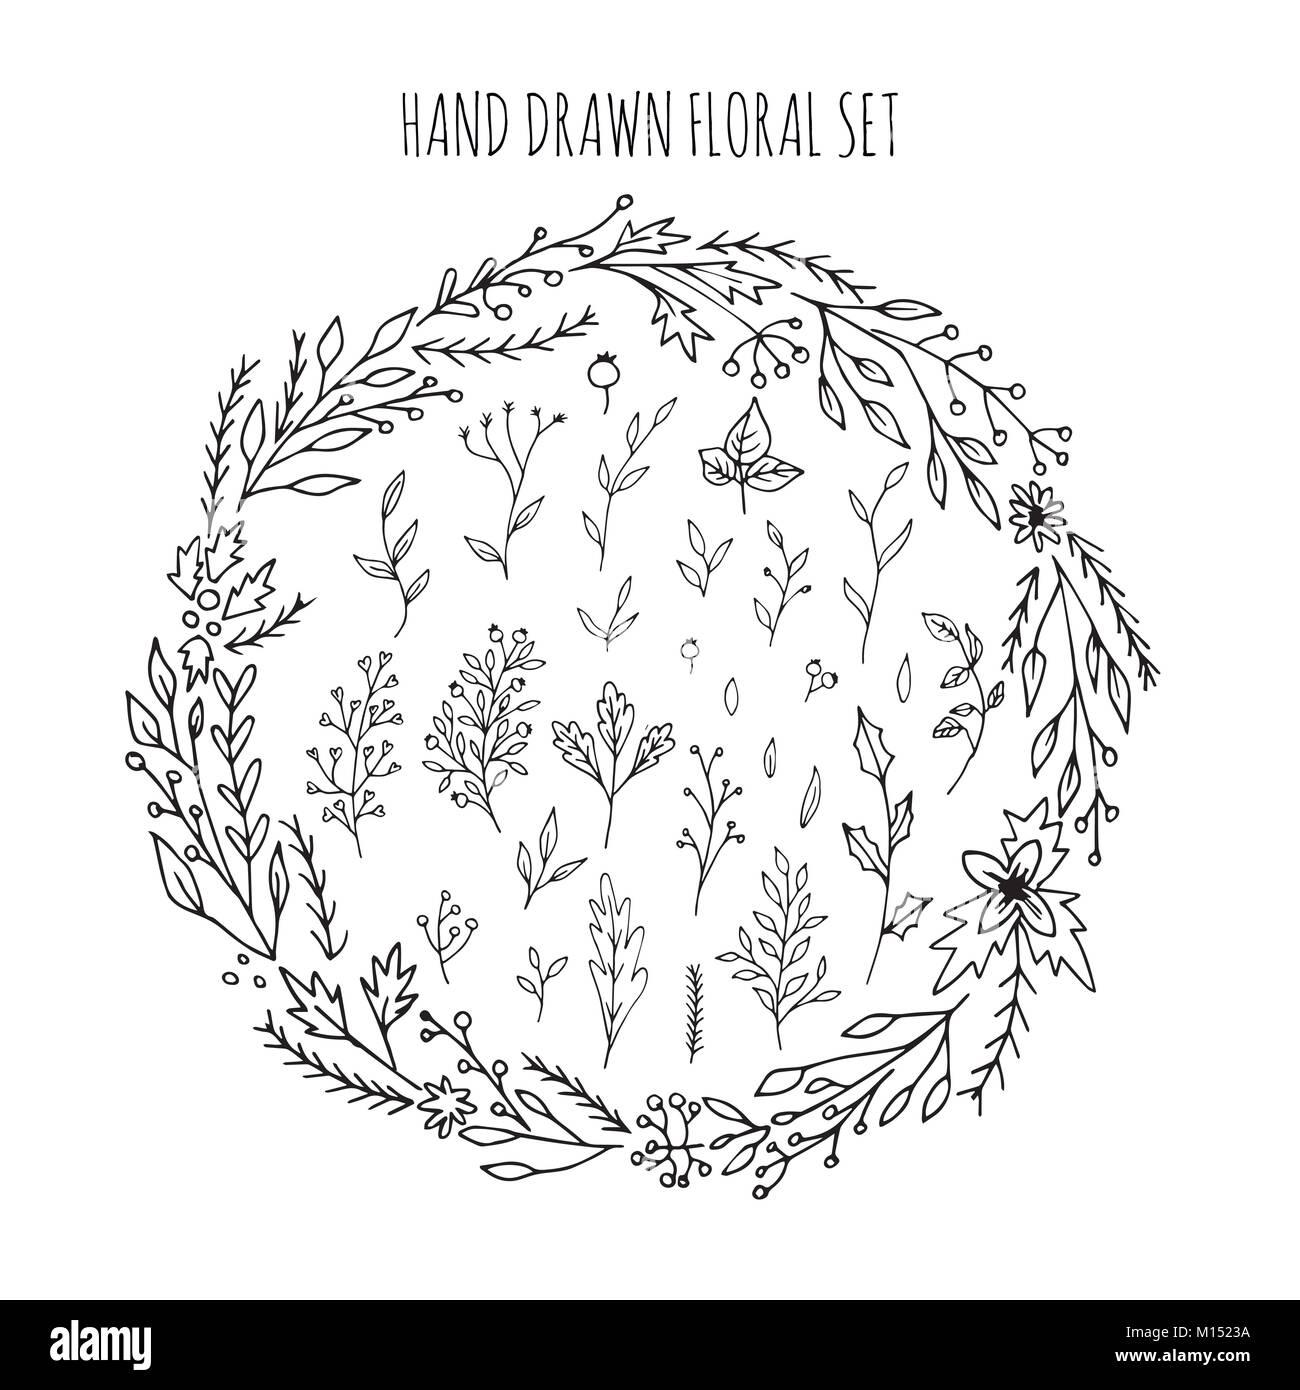 9700e7735c66d Colección de vectores dibujados a mano arreglos florales y ramas con hojas